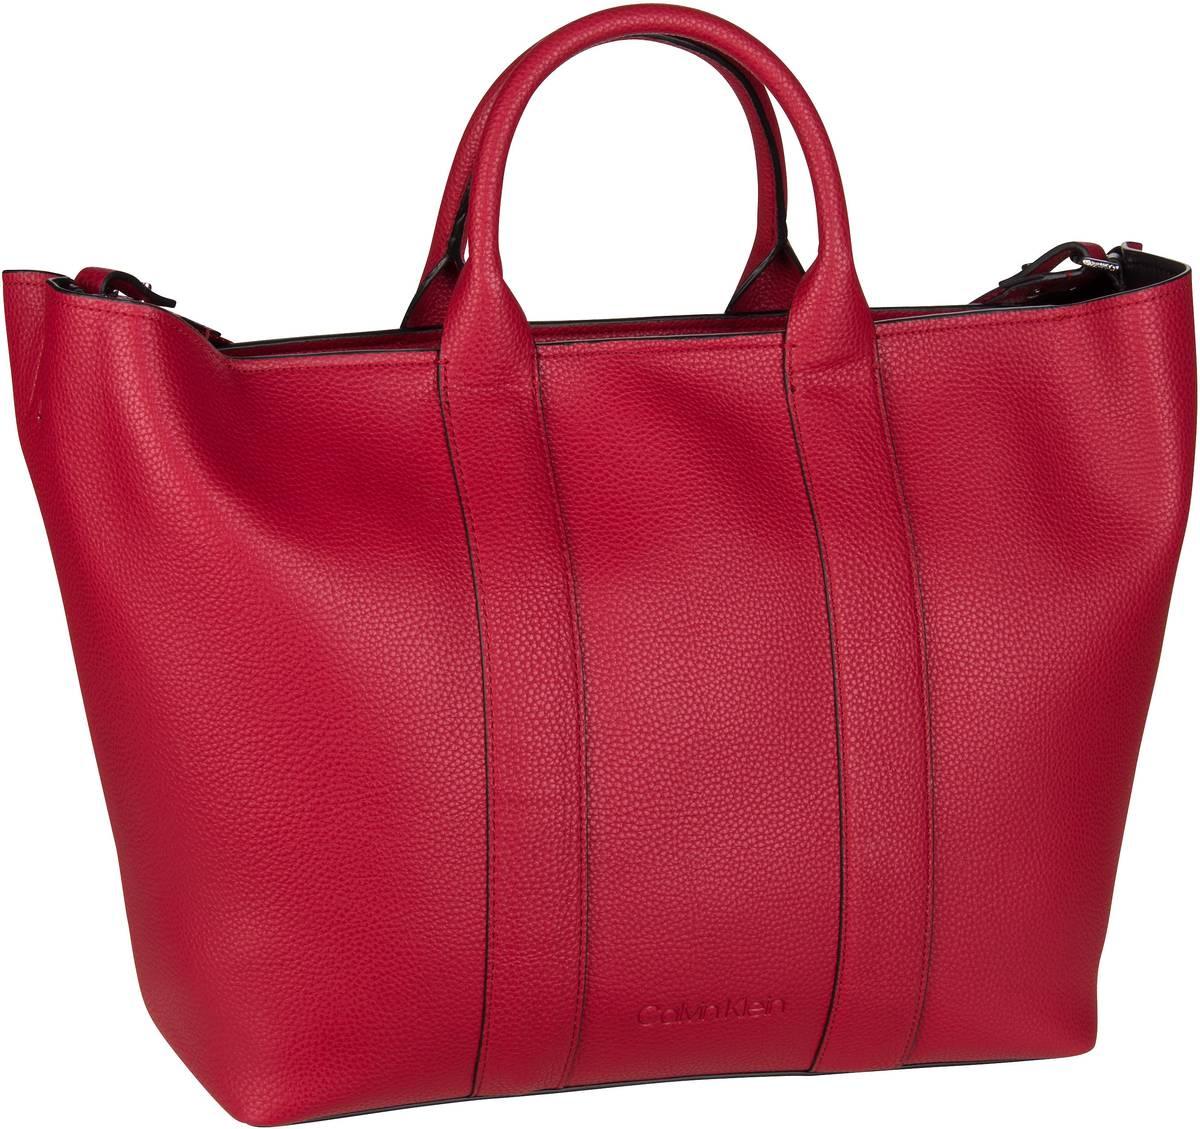 Handtasche Race EW Shopper Cherry